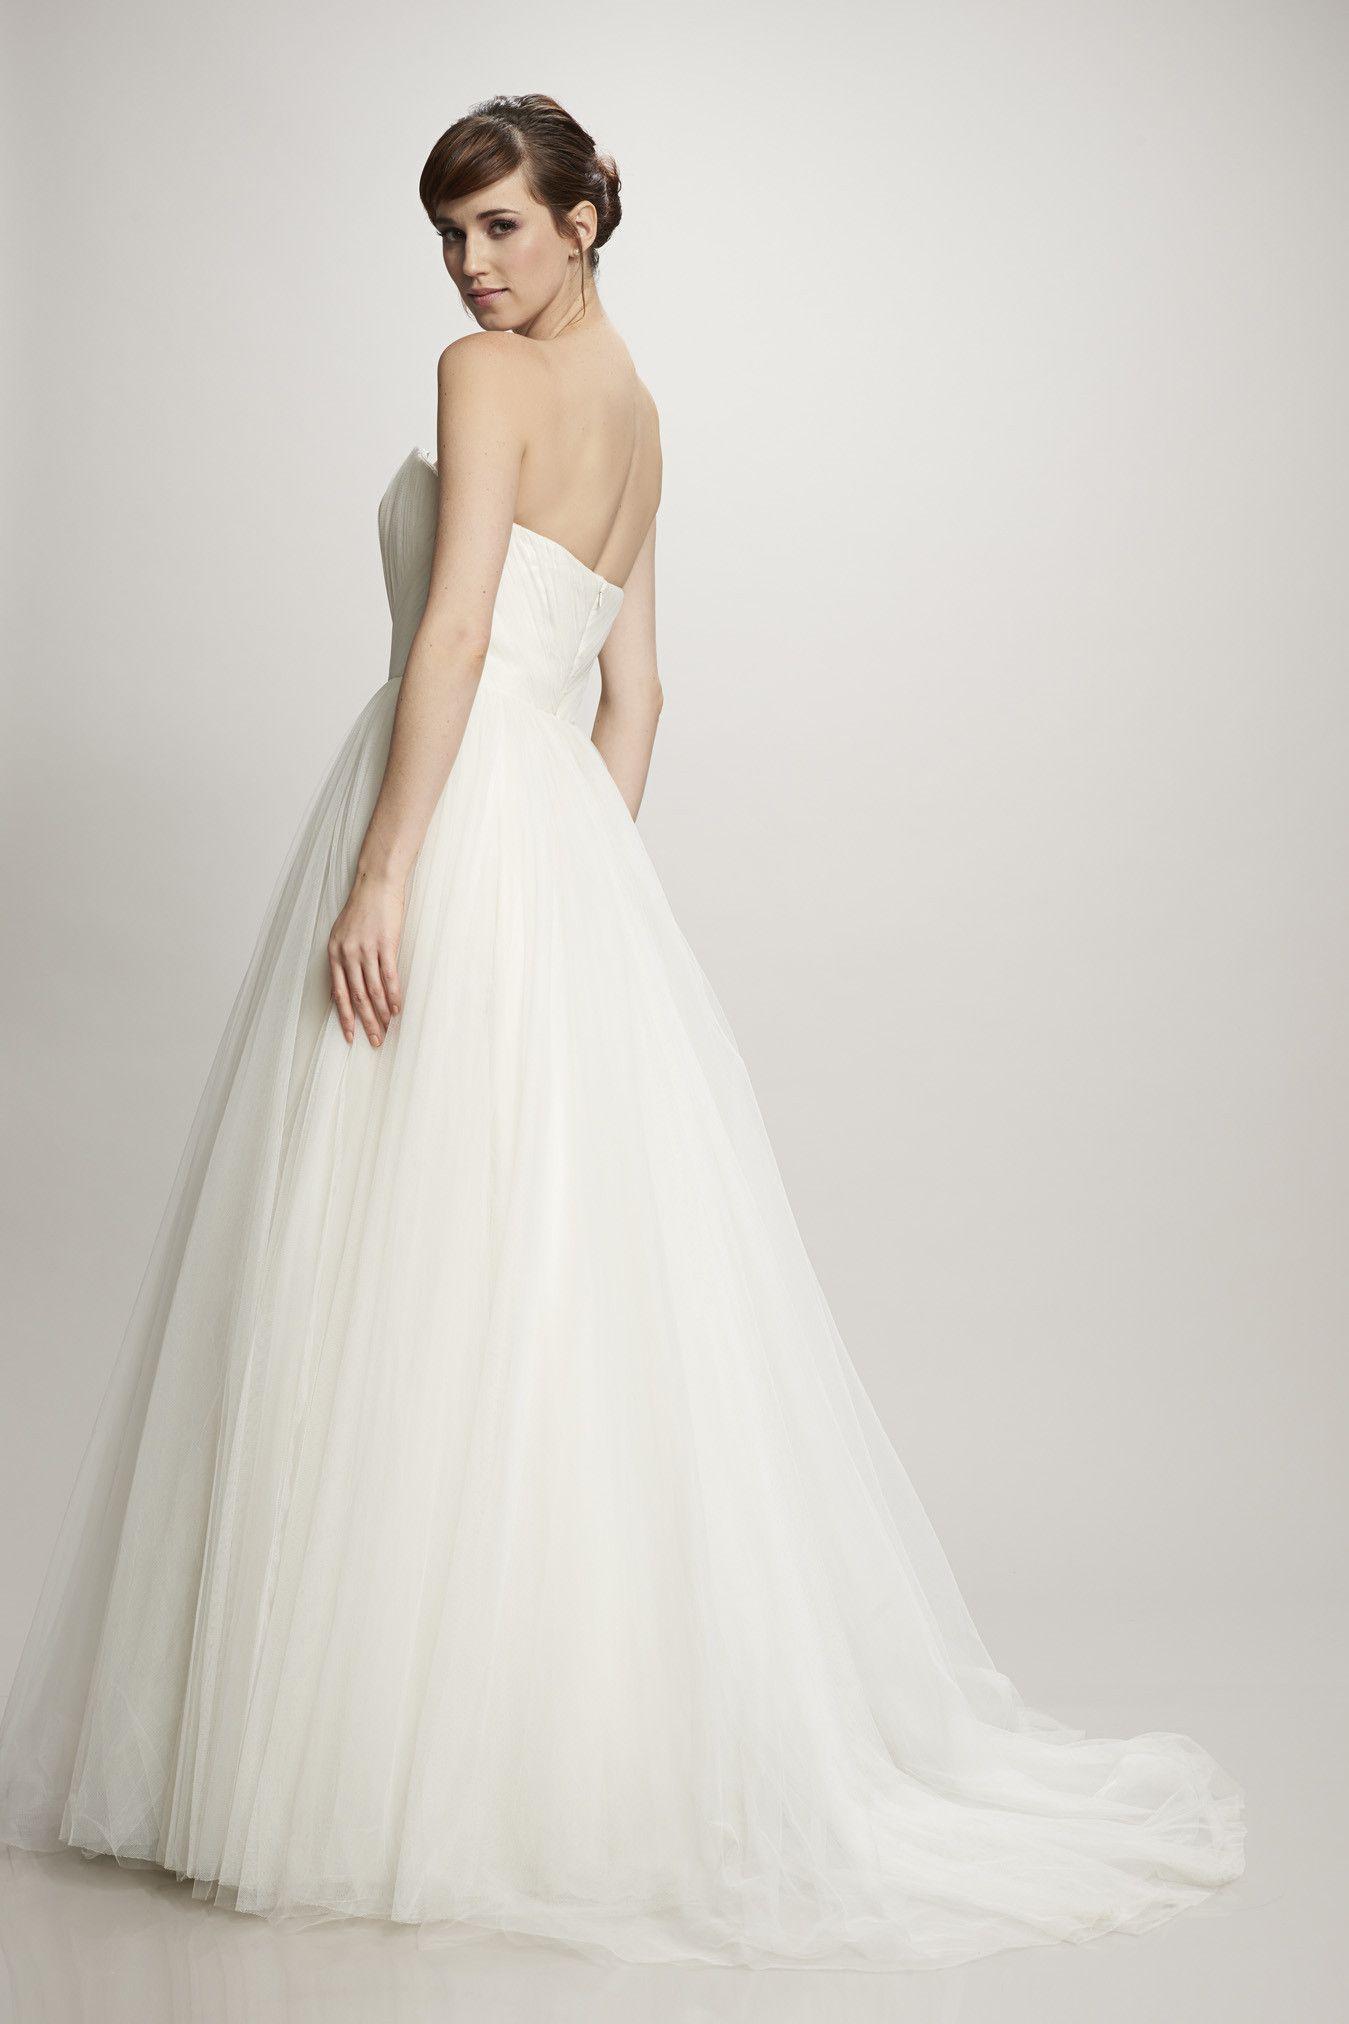 Theia OLIVIA – Ellie\'s Bridal Boutique (Alexandria, VA) | Designer ...